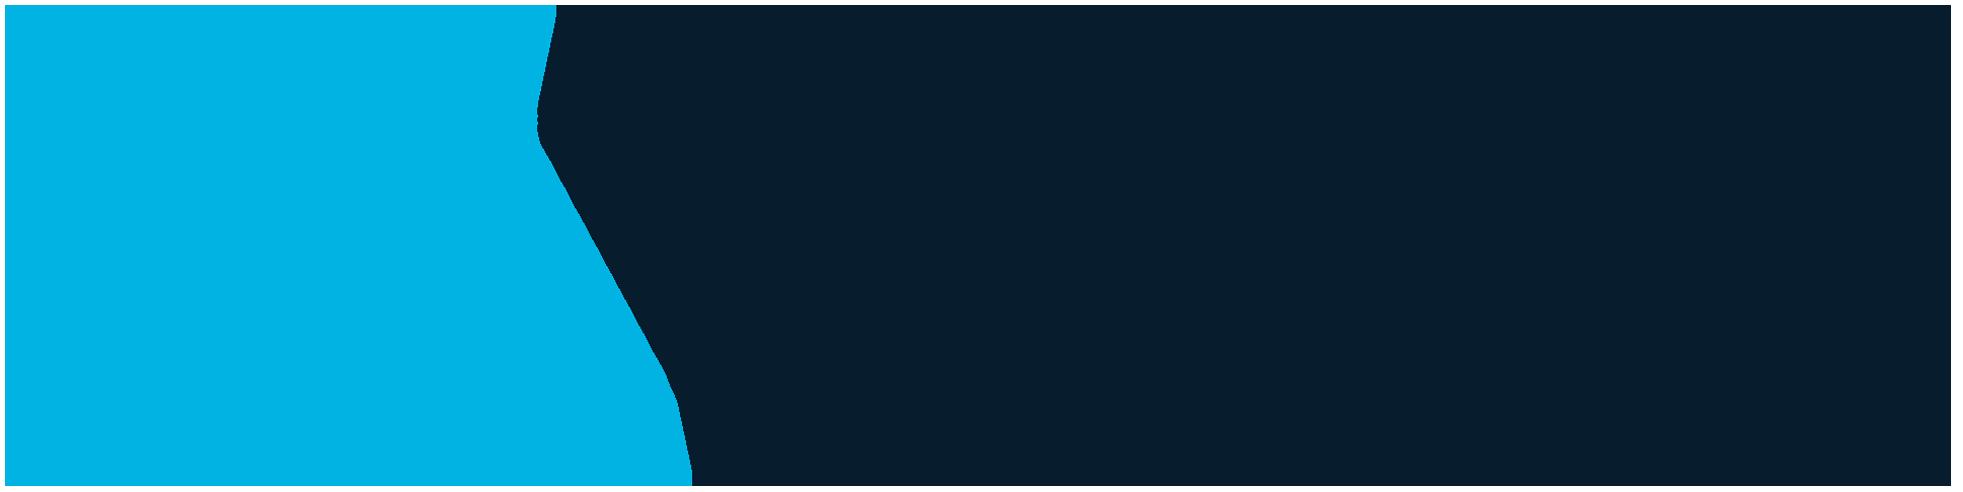 VIVE Logo